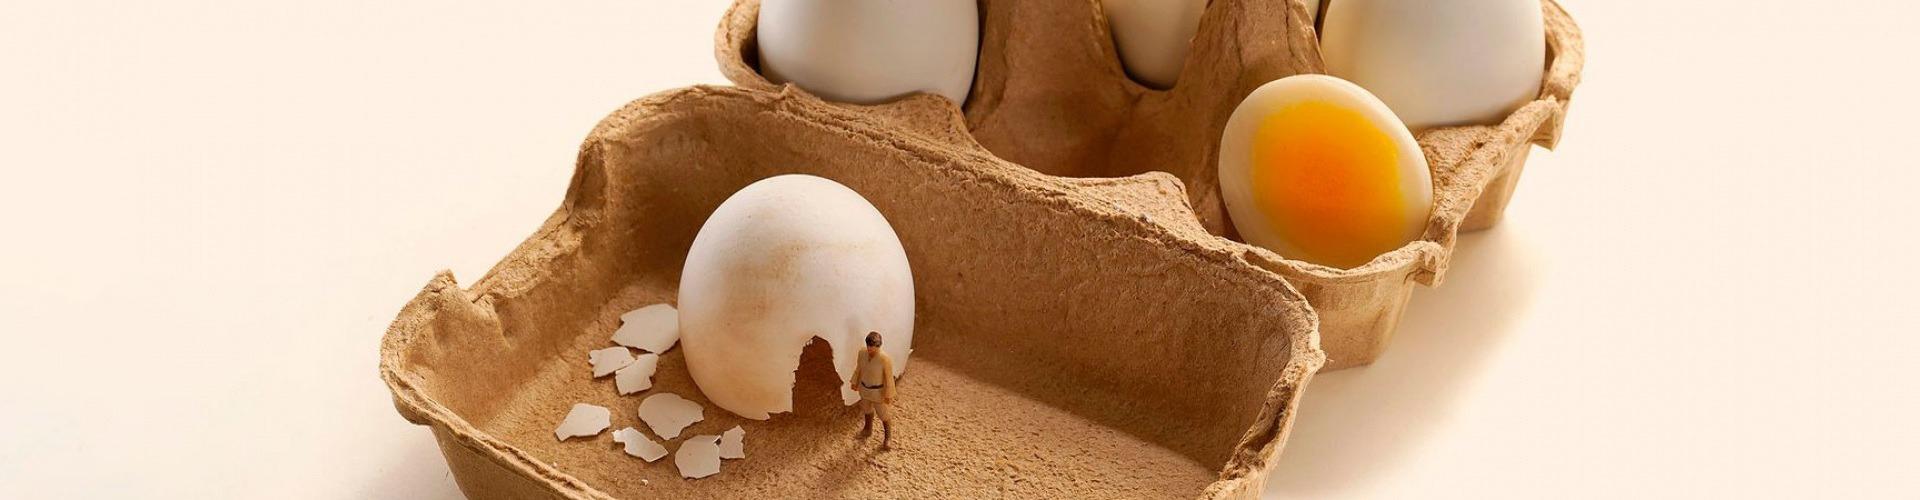 Tyúk vagy tojás?